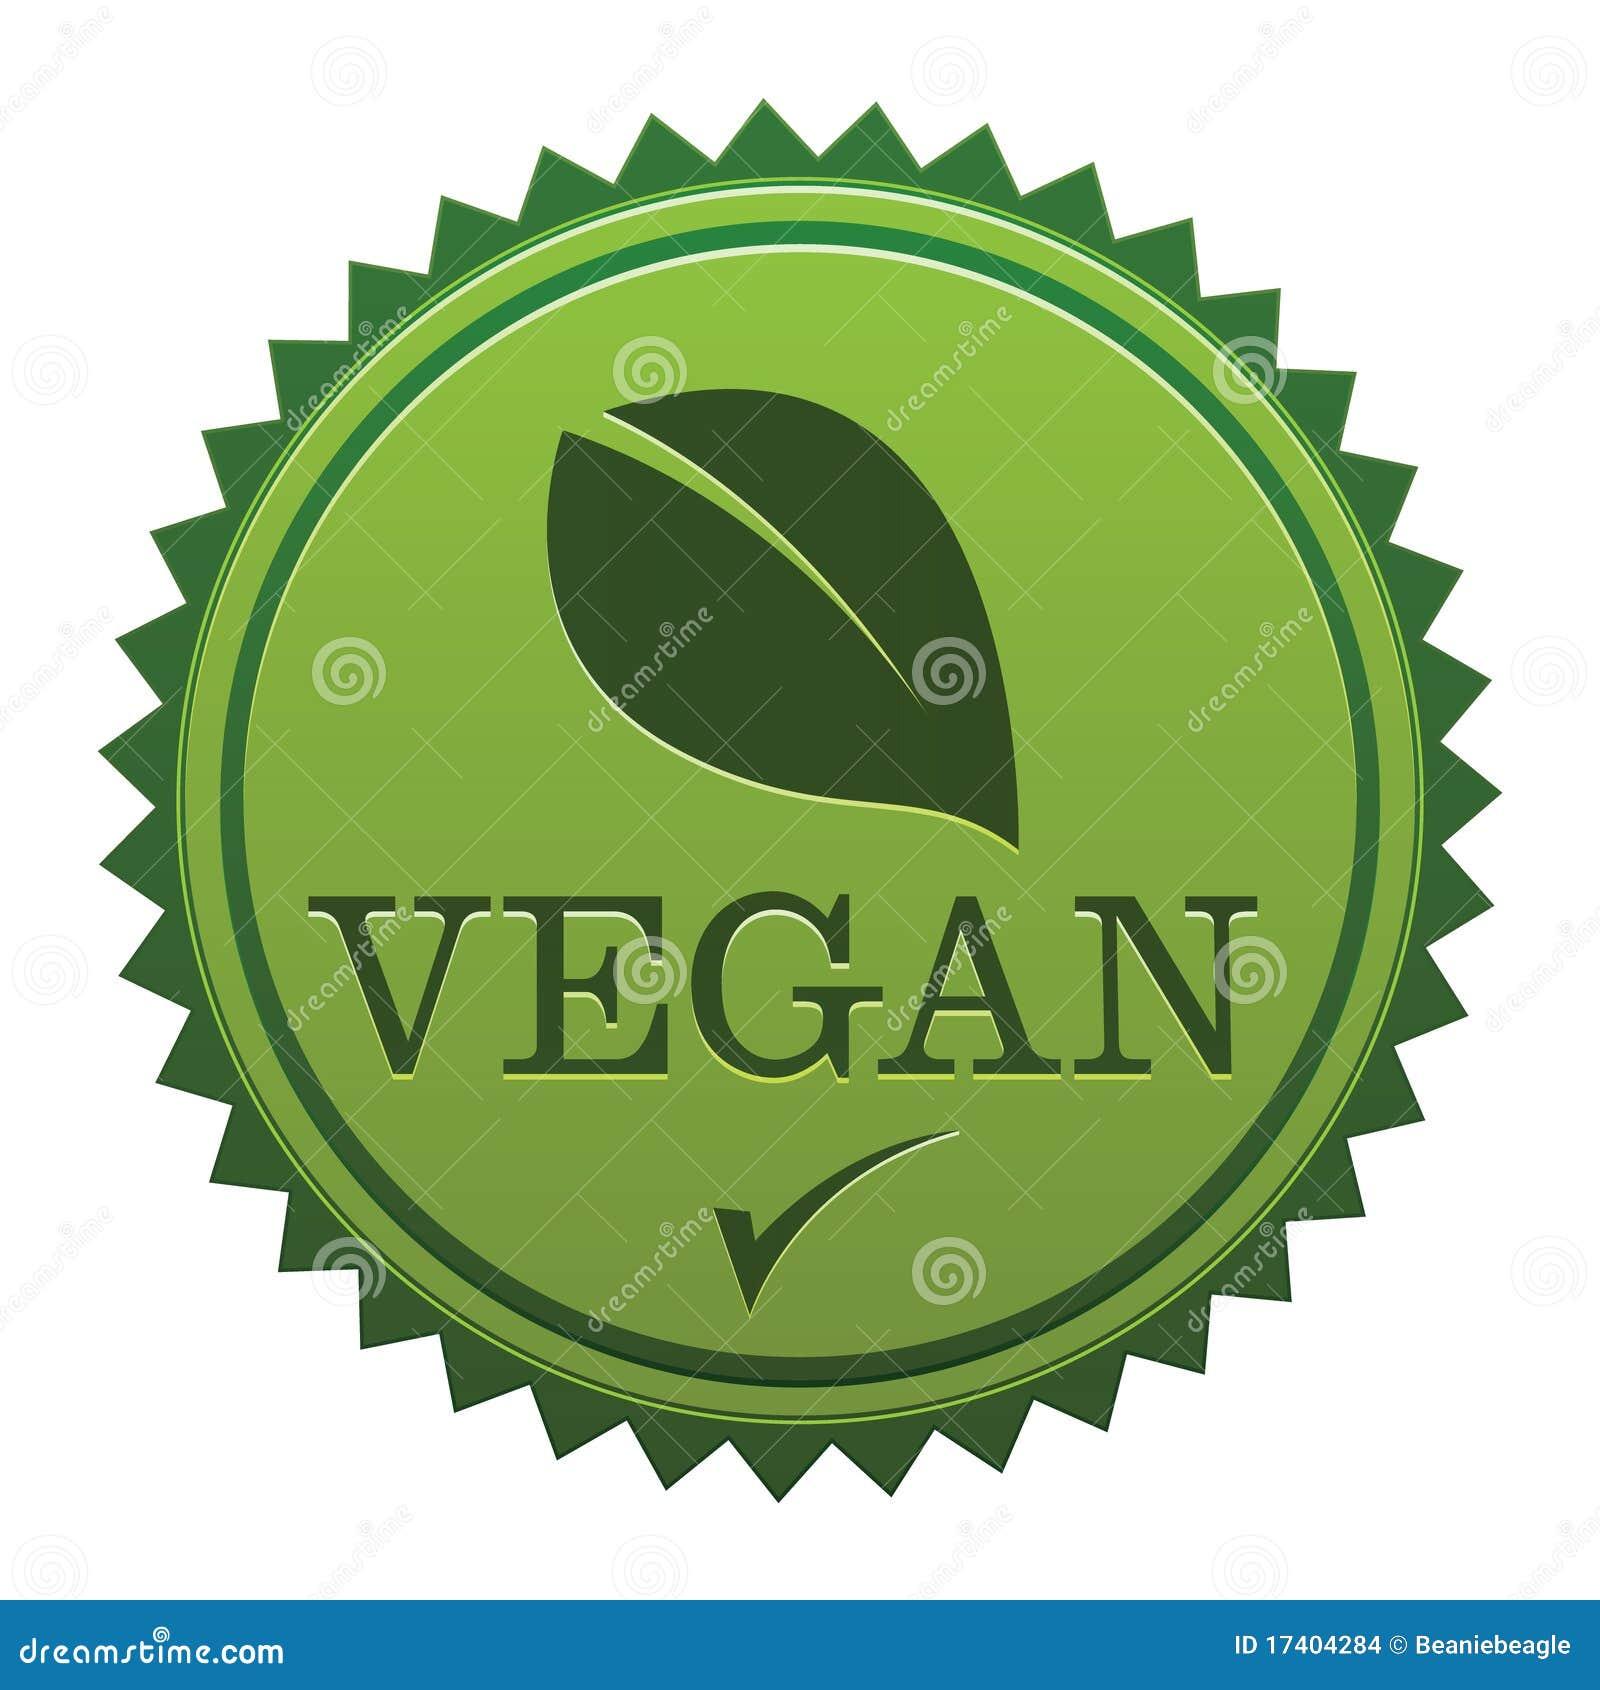 Pieczętuje weganinu